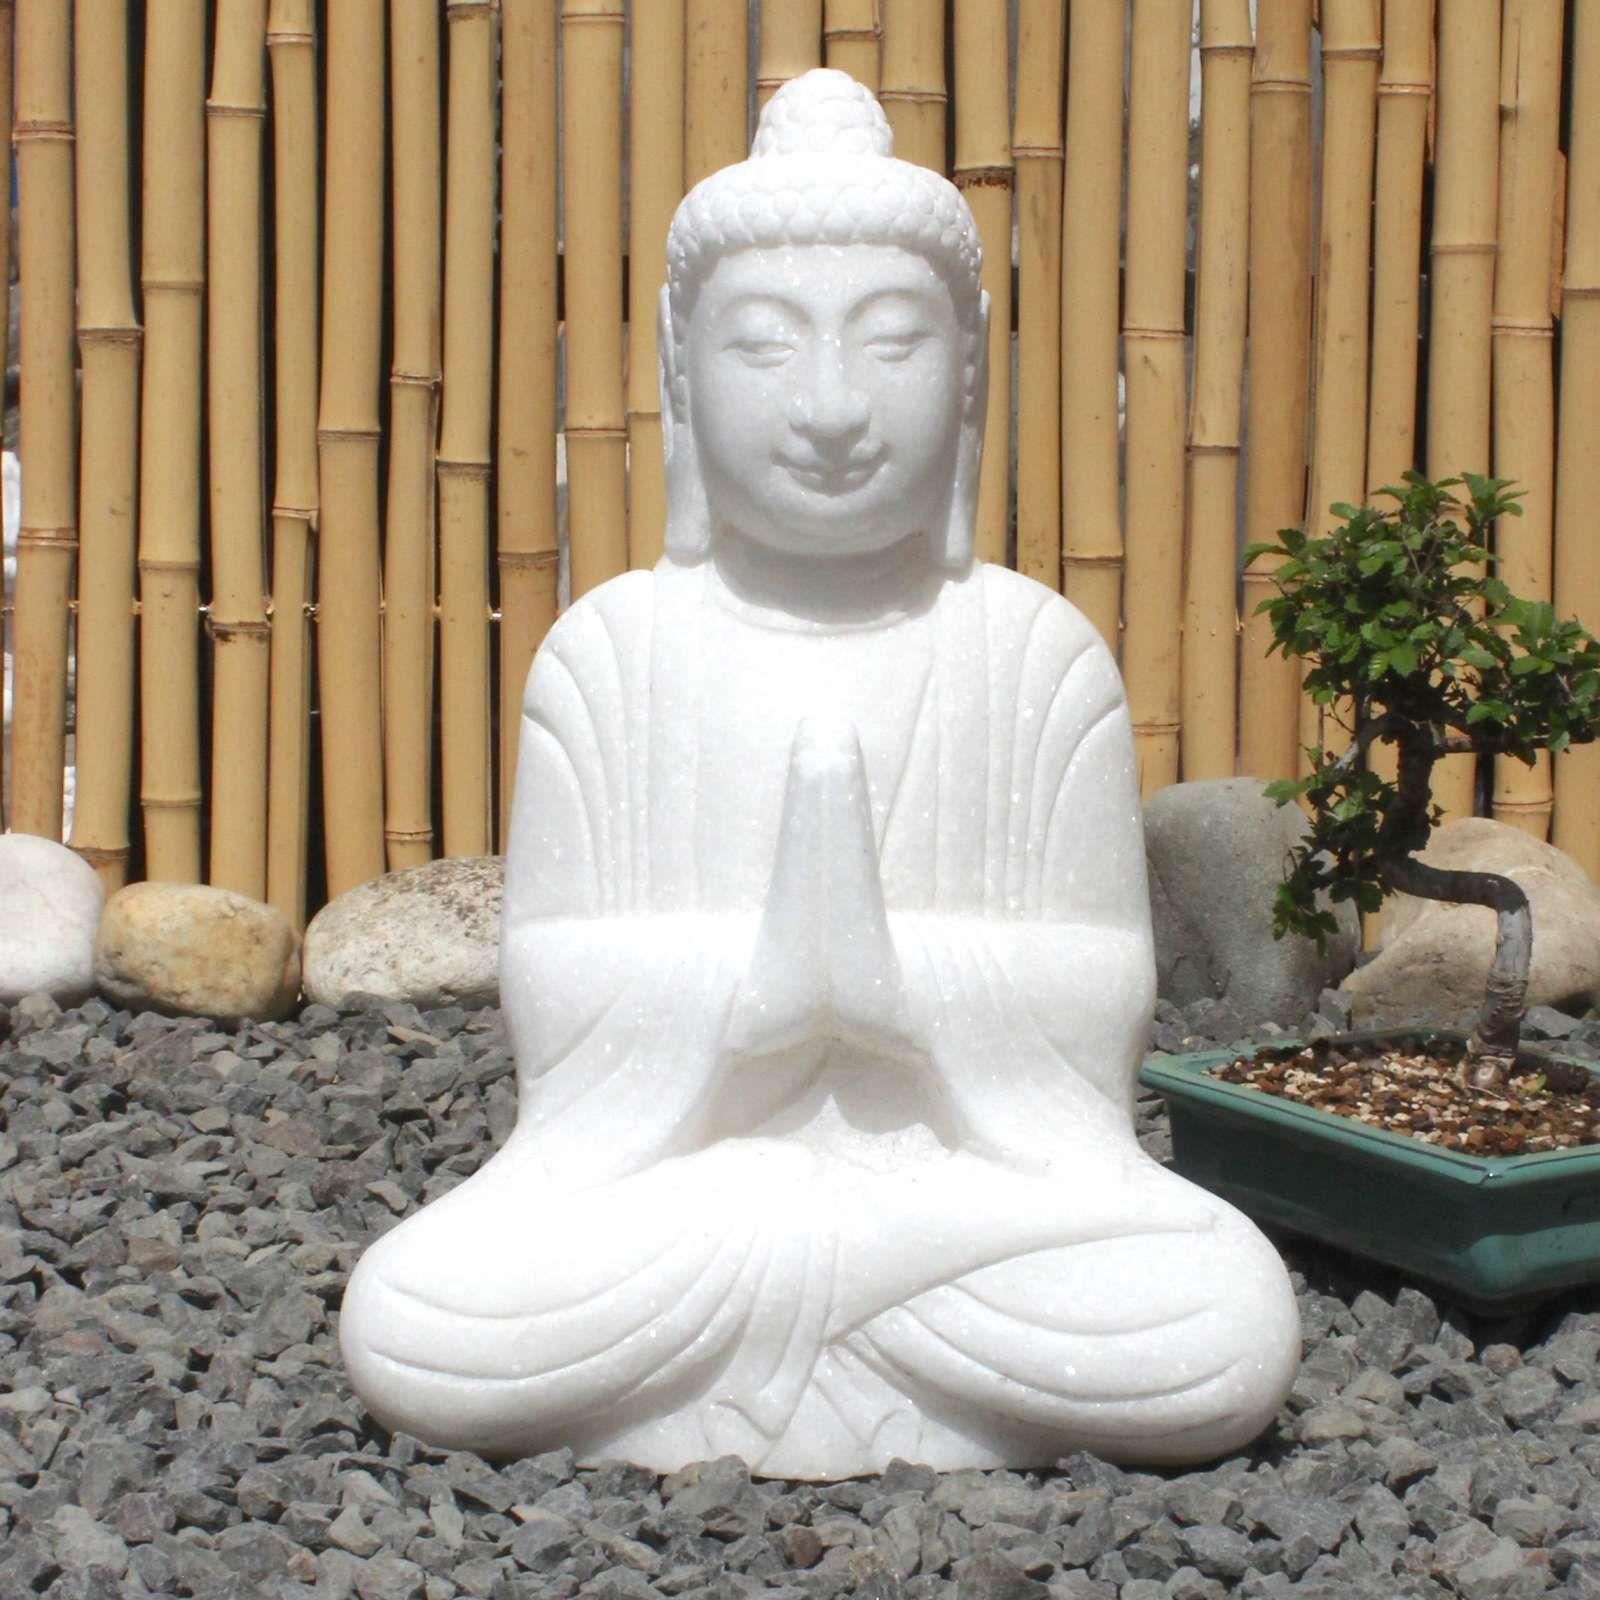 Pin Von Asienlifestyle Auf Asiatische Garten Dekoration Statuen Figuren Buddha Statue Buddha Statuen